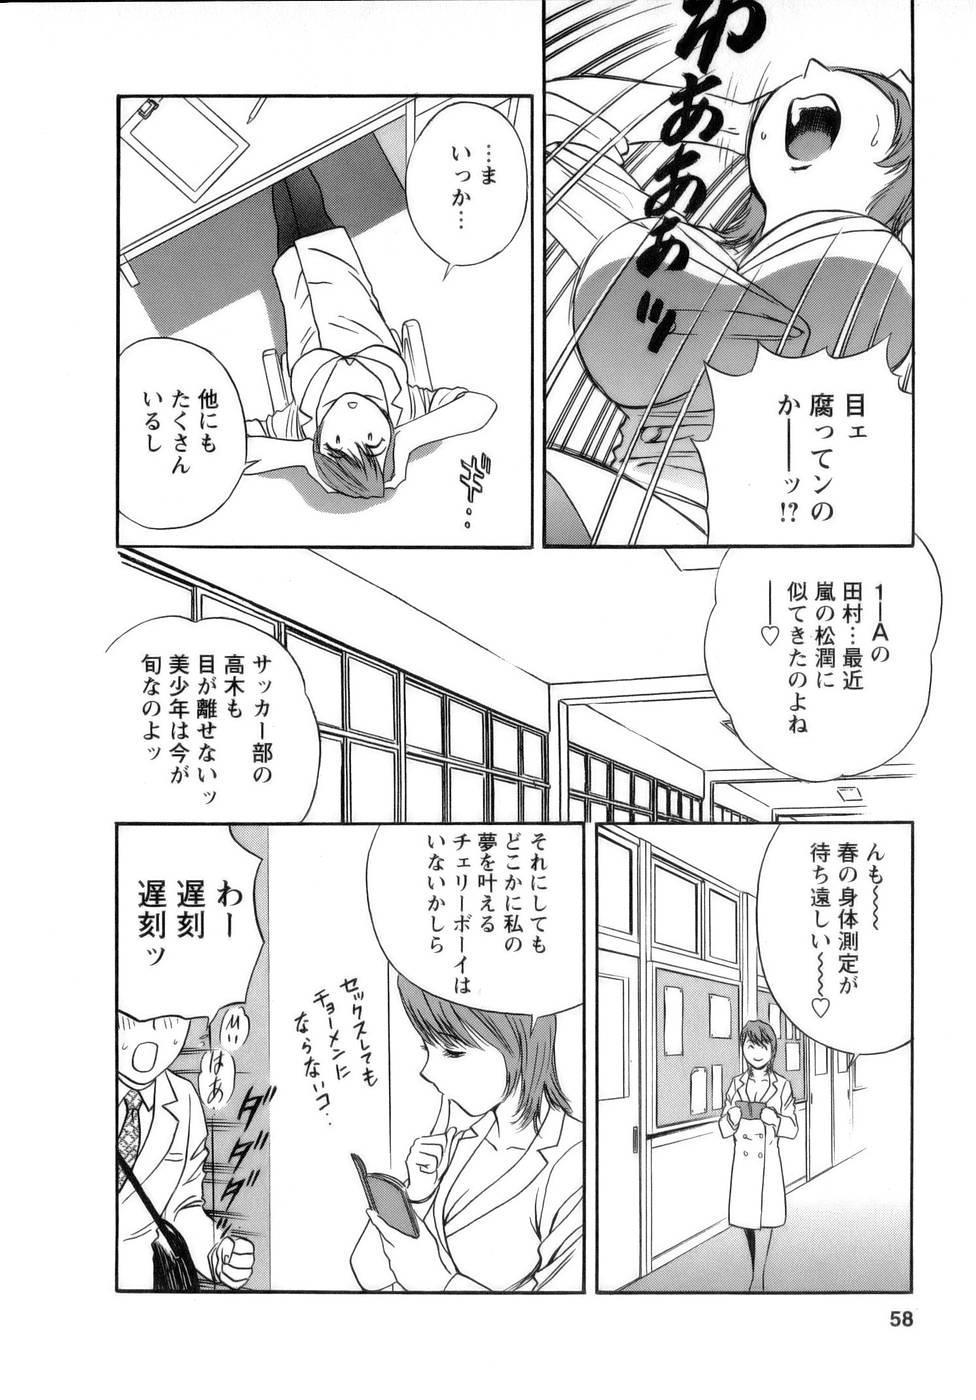 [Hidemaru] Mo-Retsu! Boin Sensei (Boing Boing Teacher) Vol.1 57